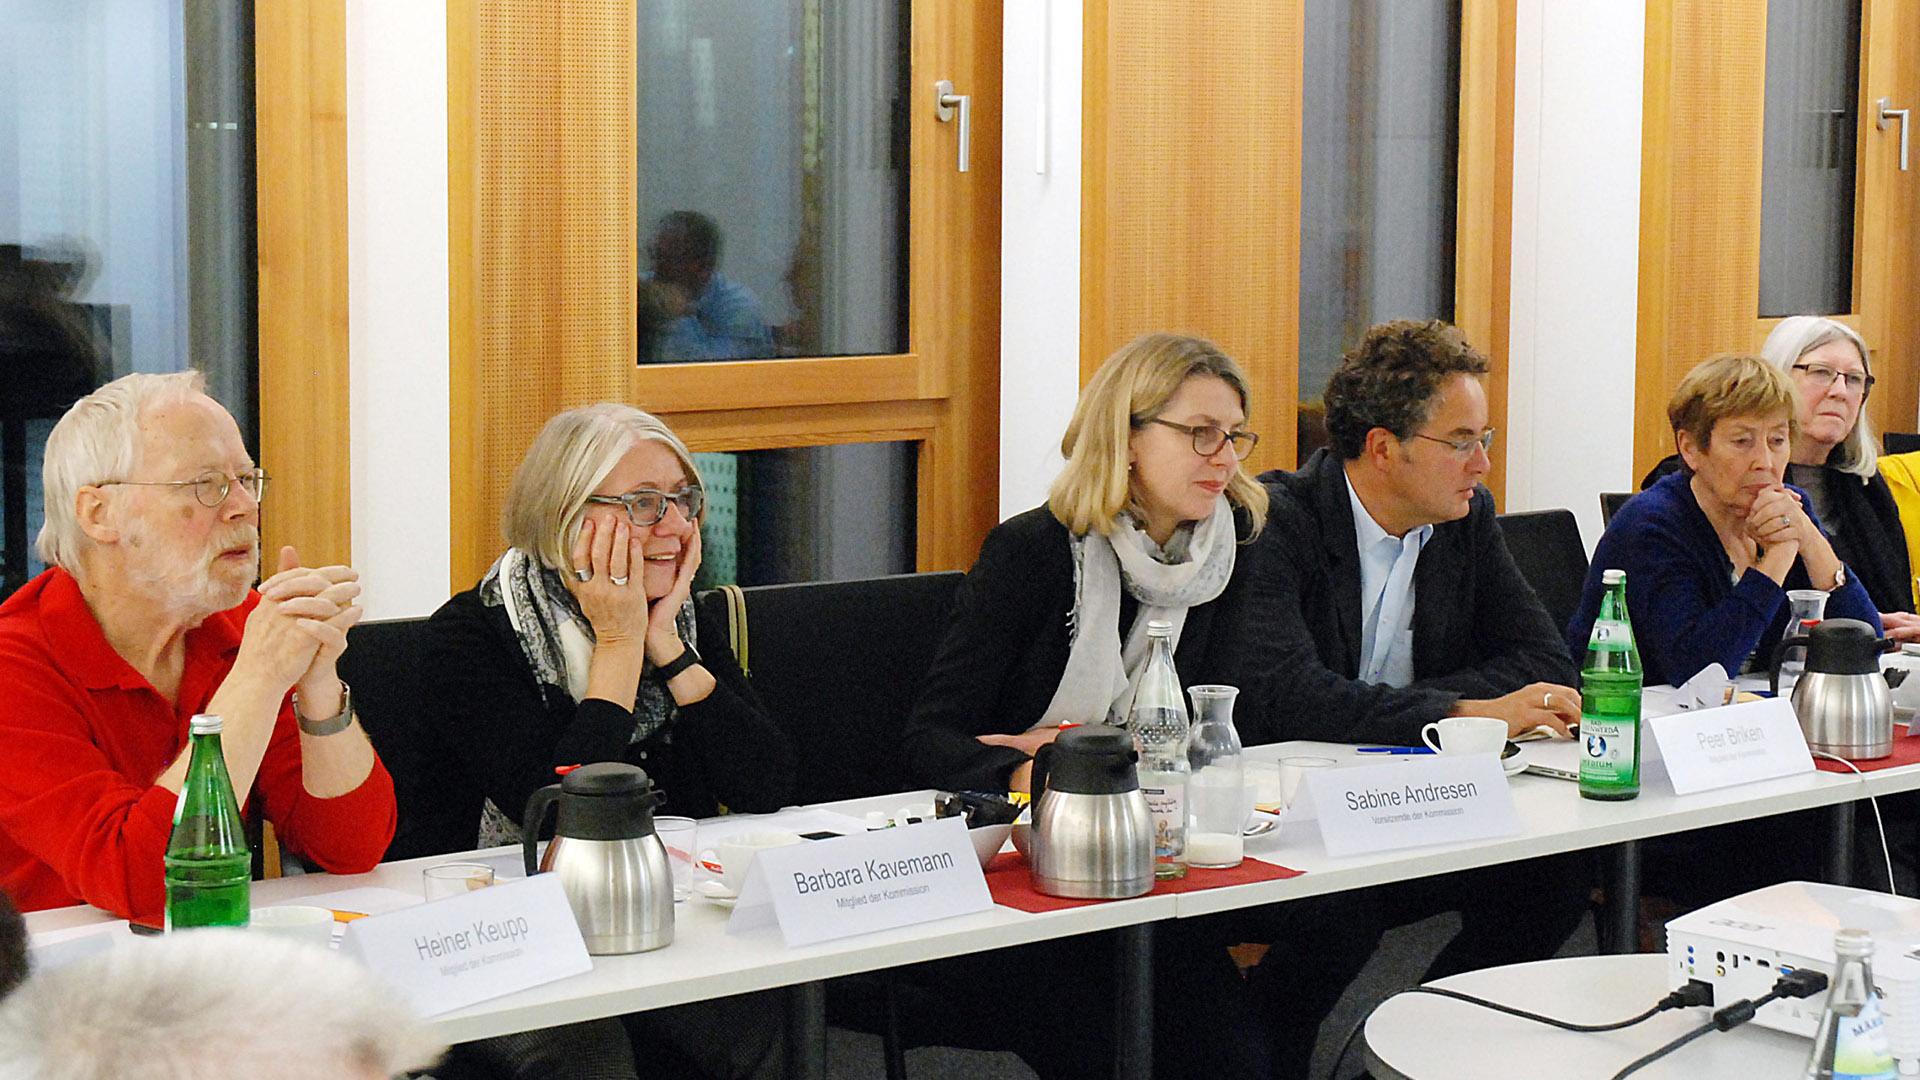 Die sechs Kommissionsmitglieder sitzen in einer Reihe an Tischen.